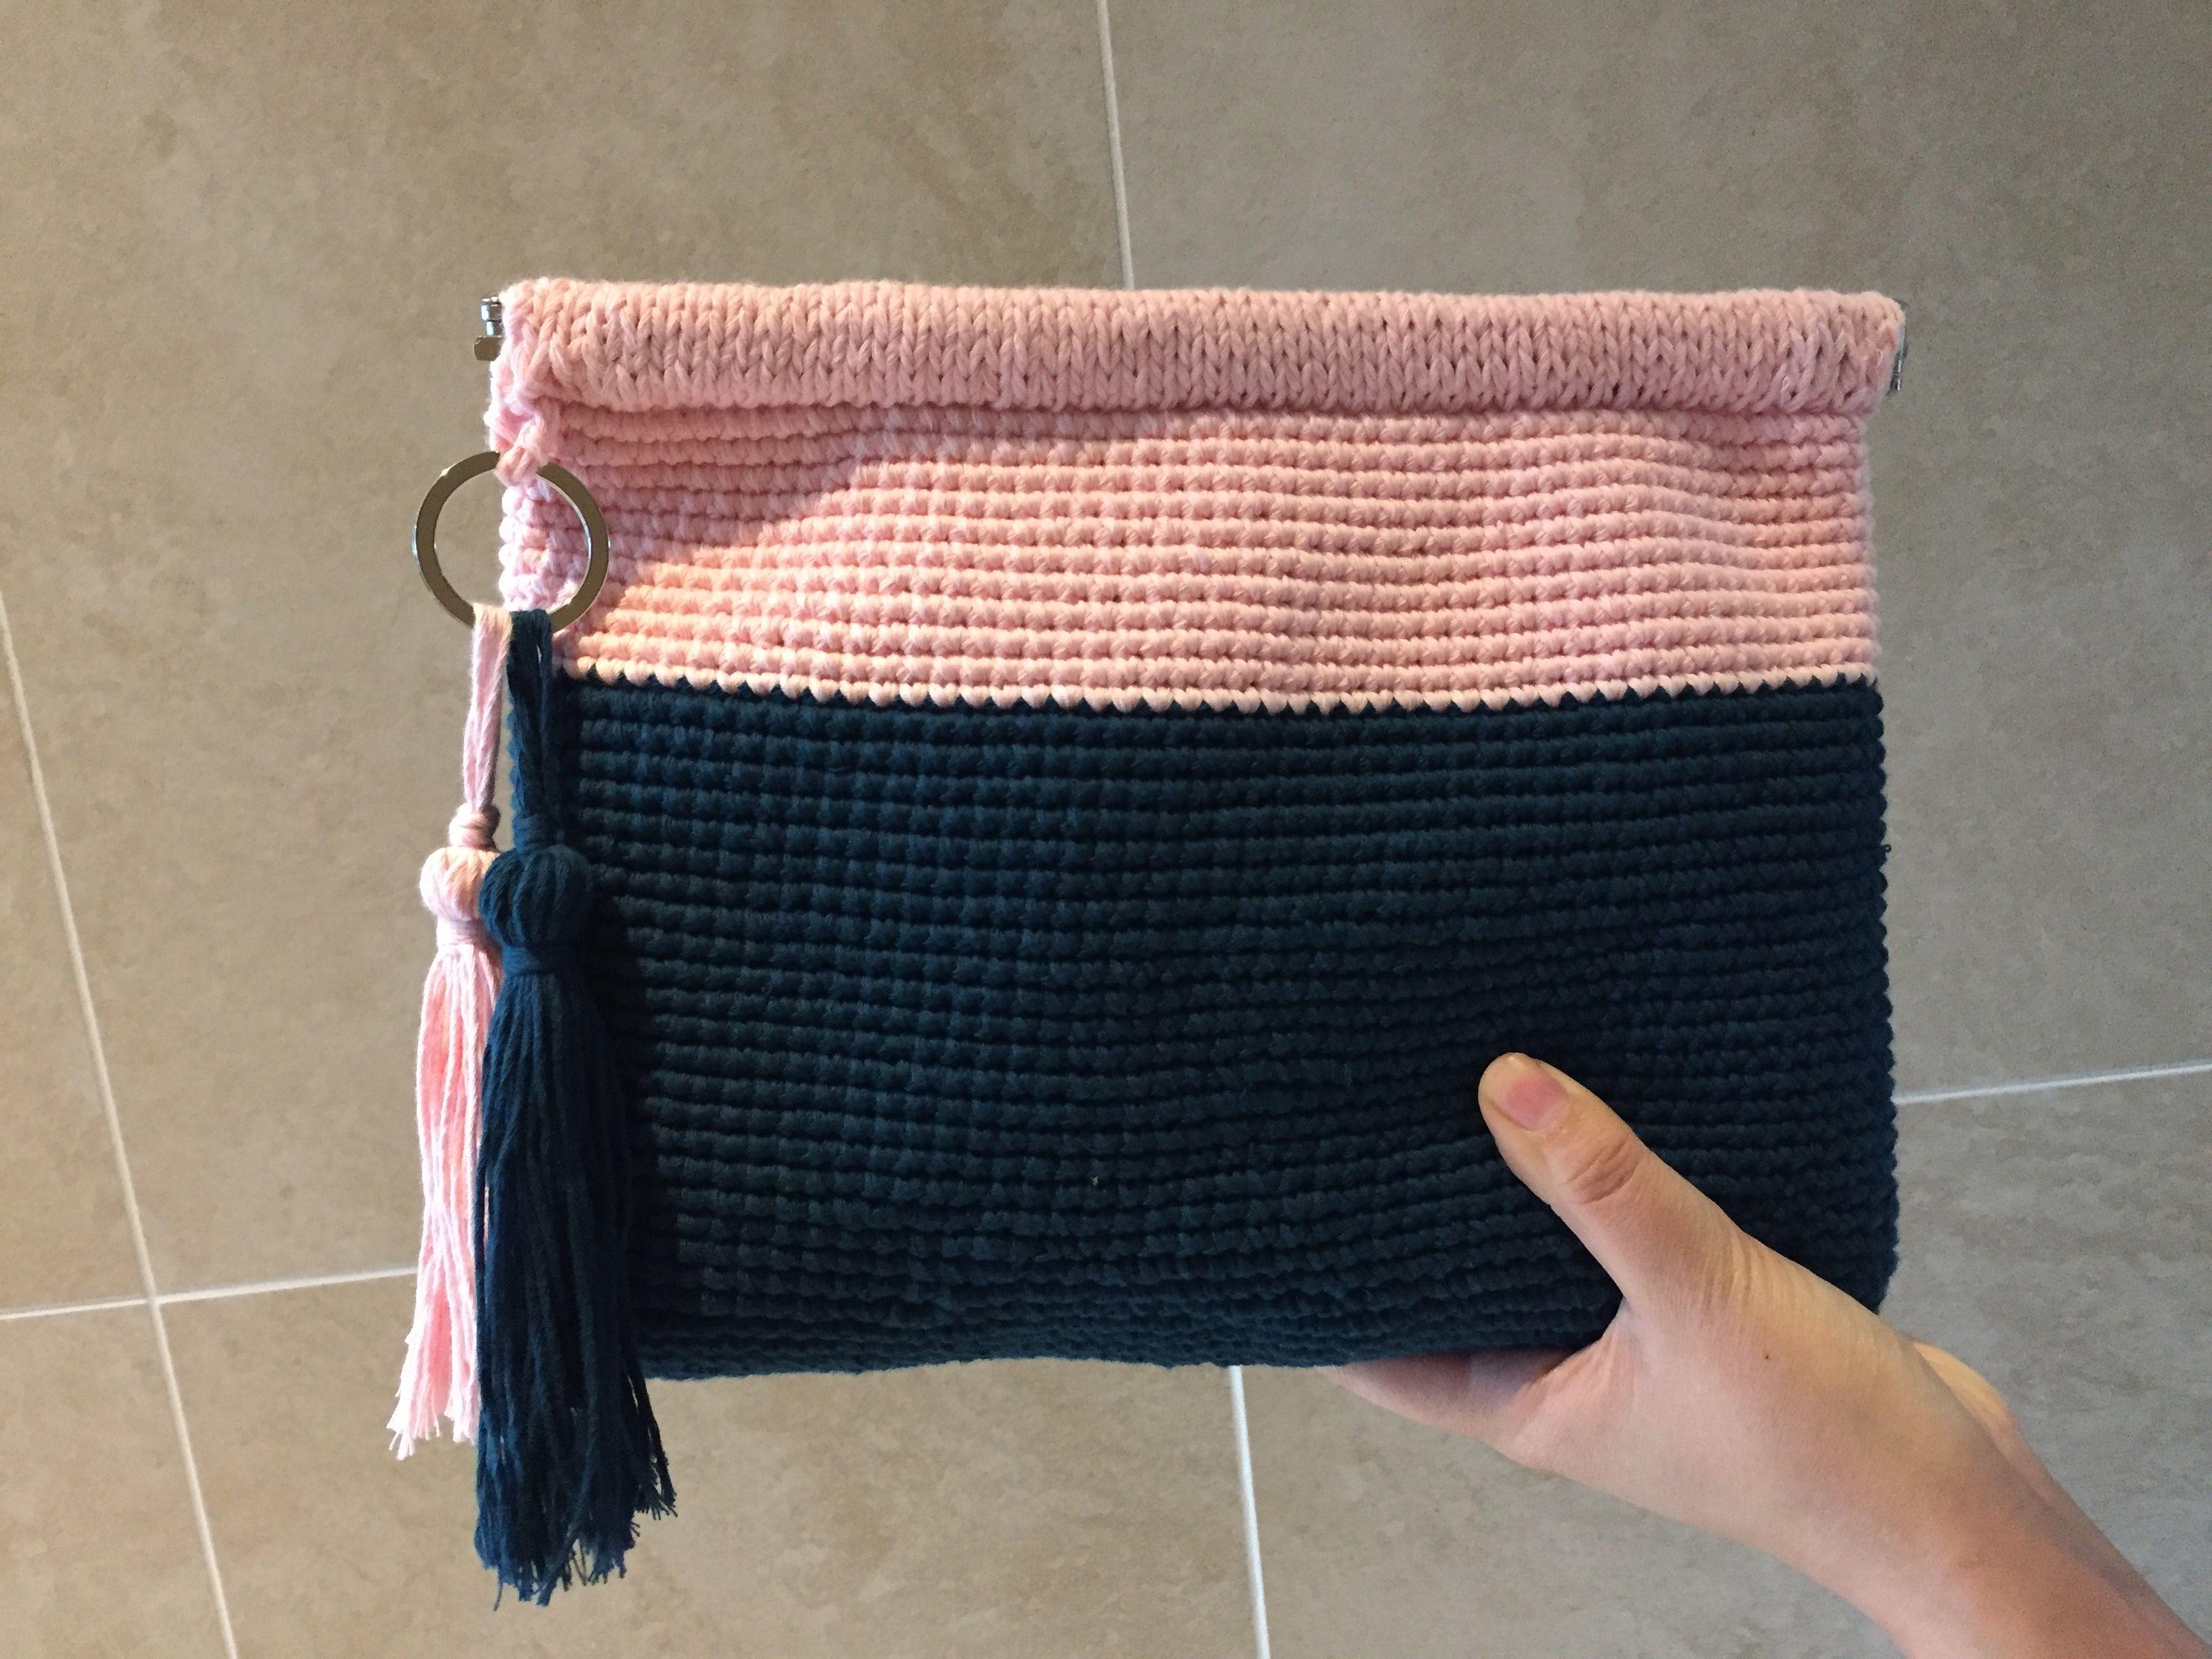 직접 만드는 니트 클러치 Knit Clutch on my self http://blog.naver.com/sera2401/220711687216